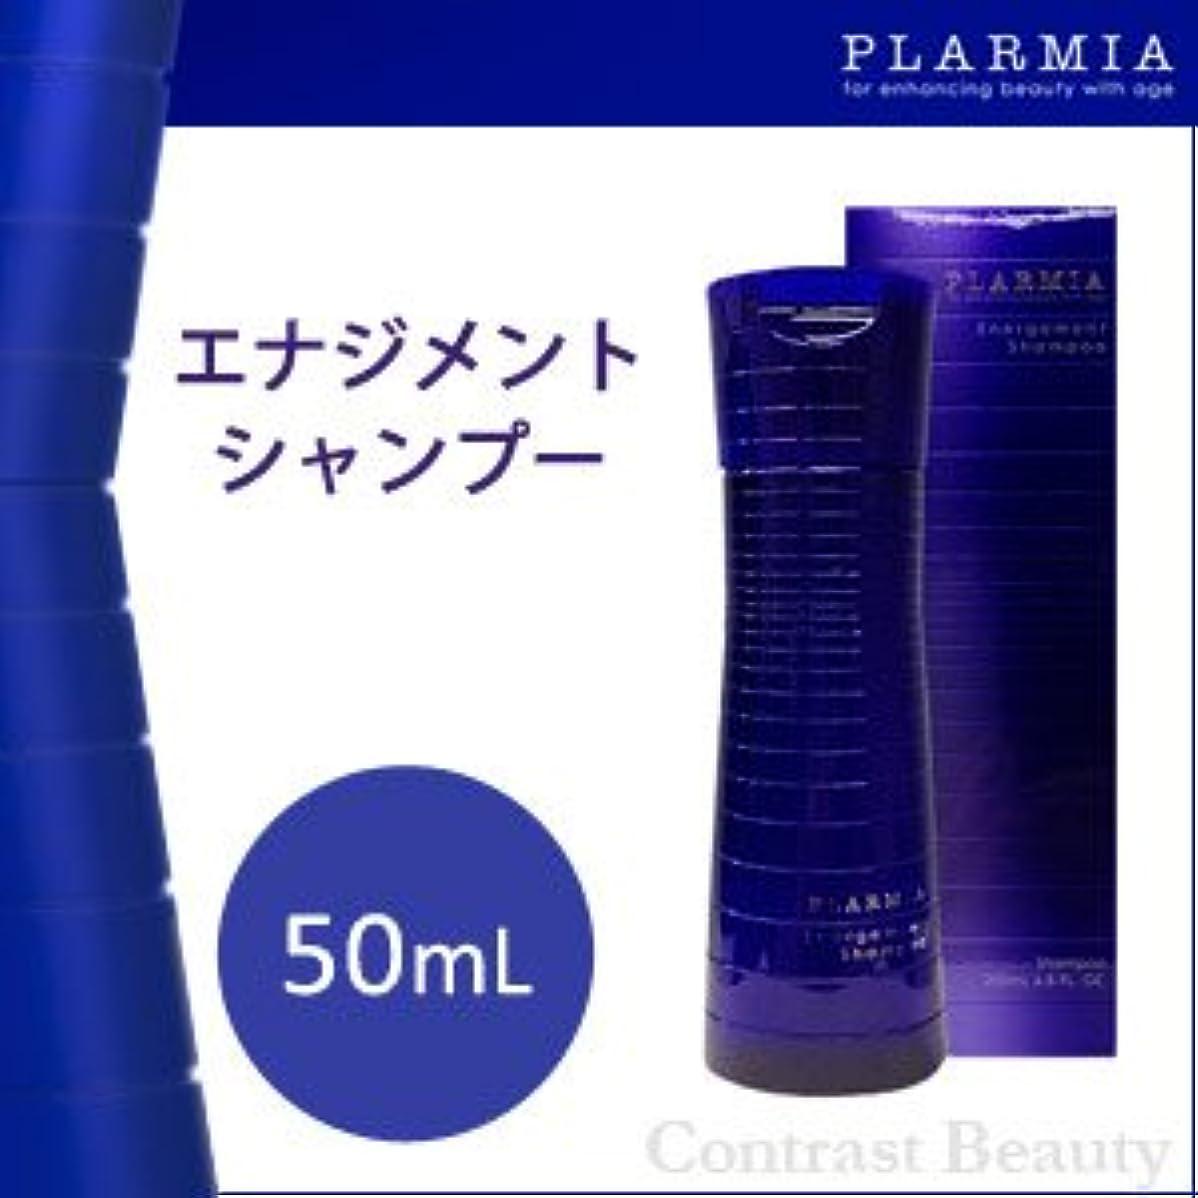 可決権限を与えるアセ【x3個セット】 ミルボン プラーミア エナジメントシャンプー 50ml